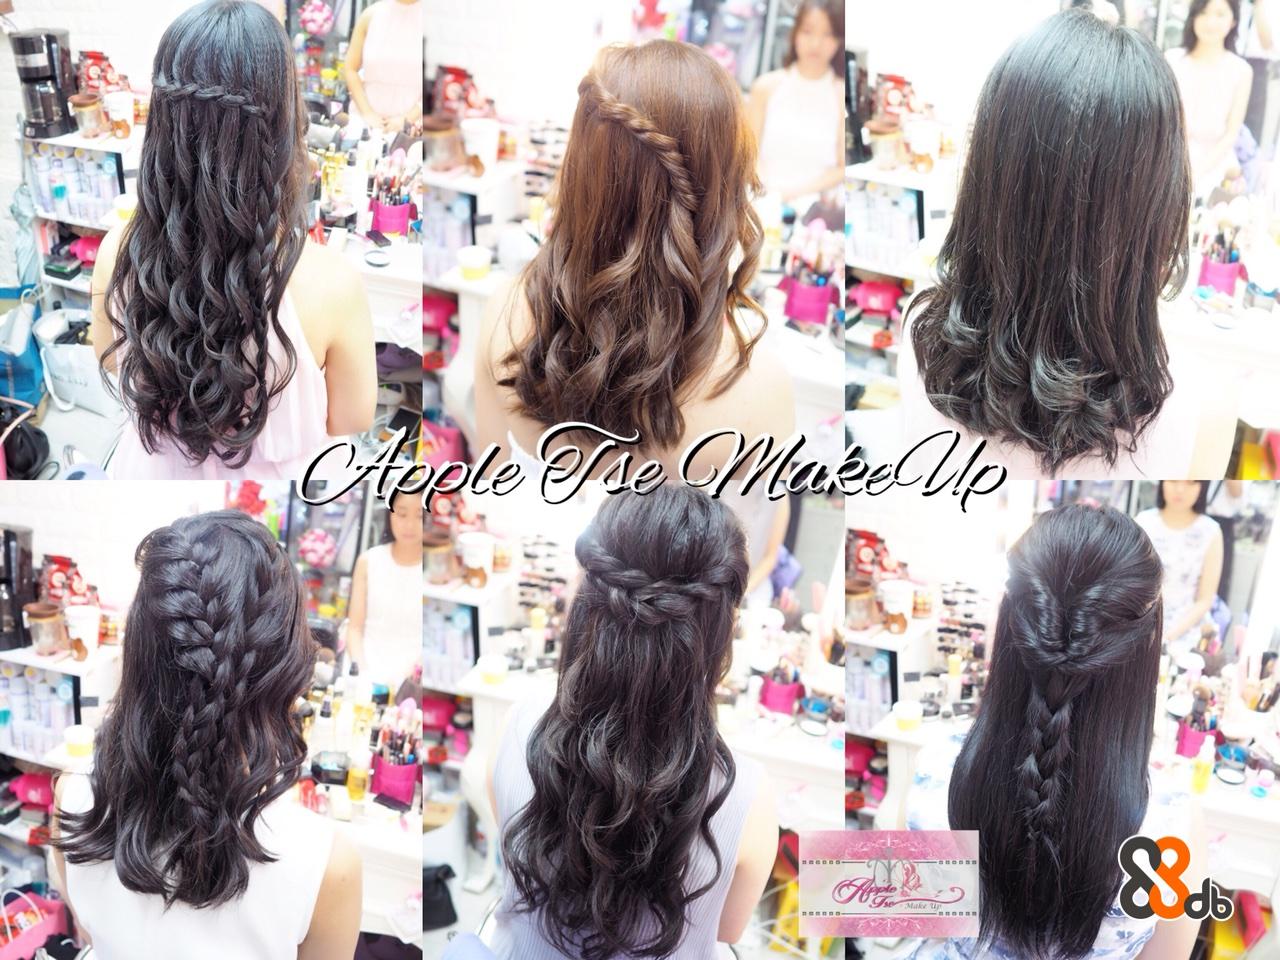 db Make ti,hair,hairstyle,wig,fashion accessory,long hair